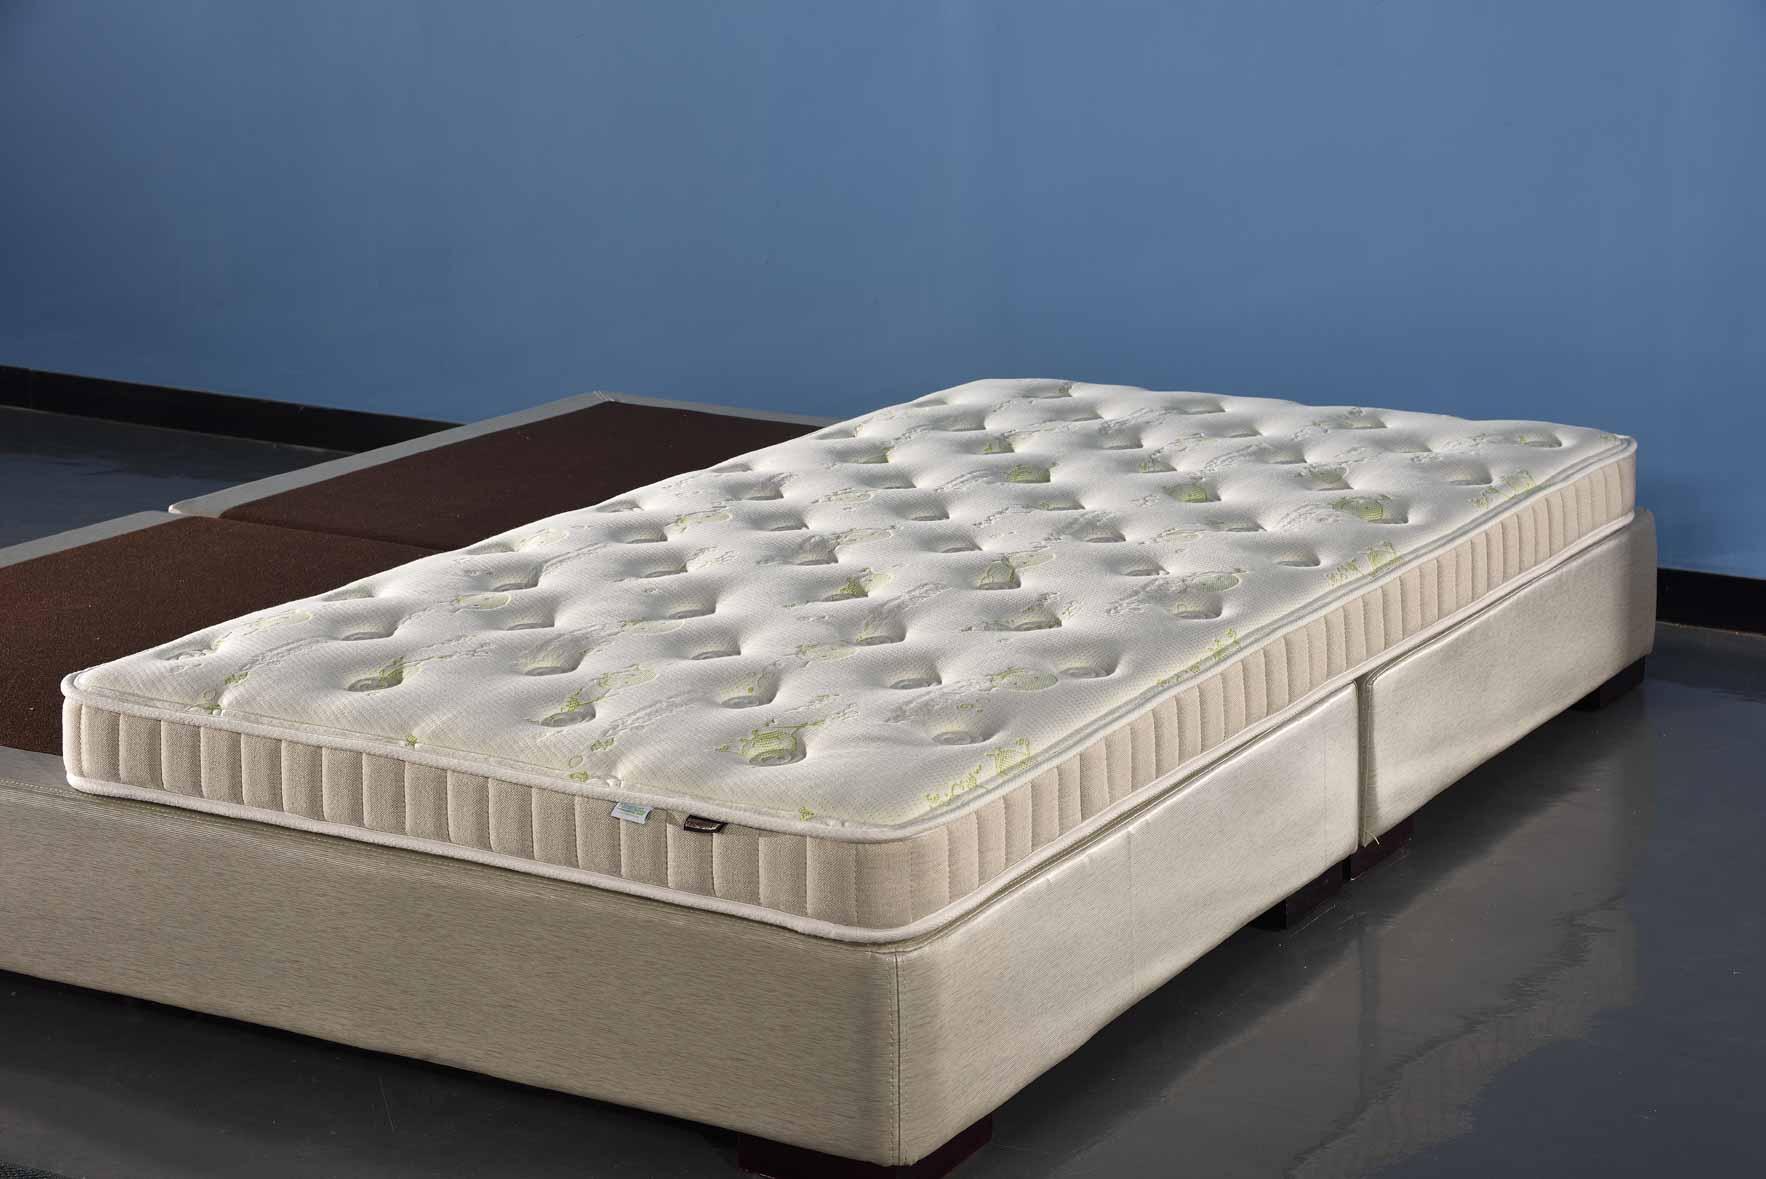 贵州通用弹簧床垫哪种好 苏州星夜家居科技供应